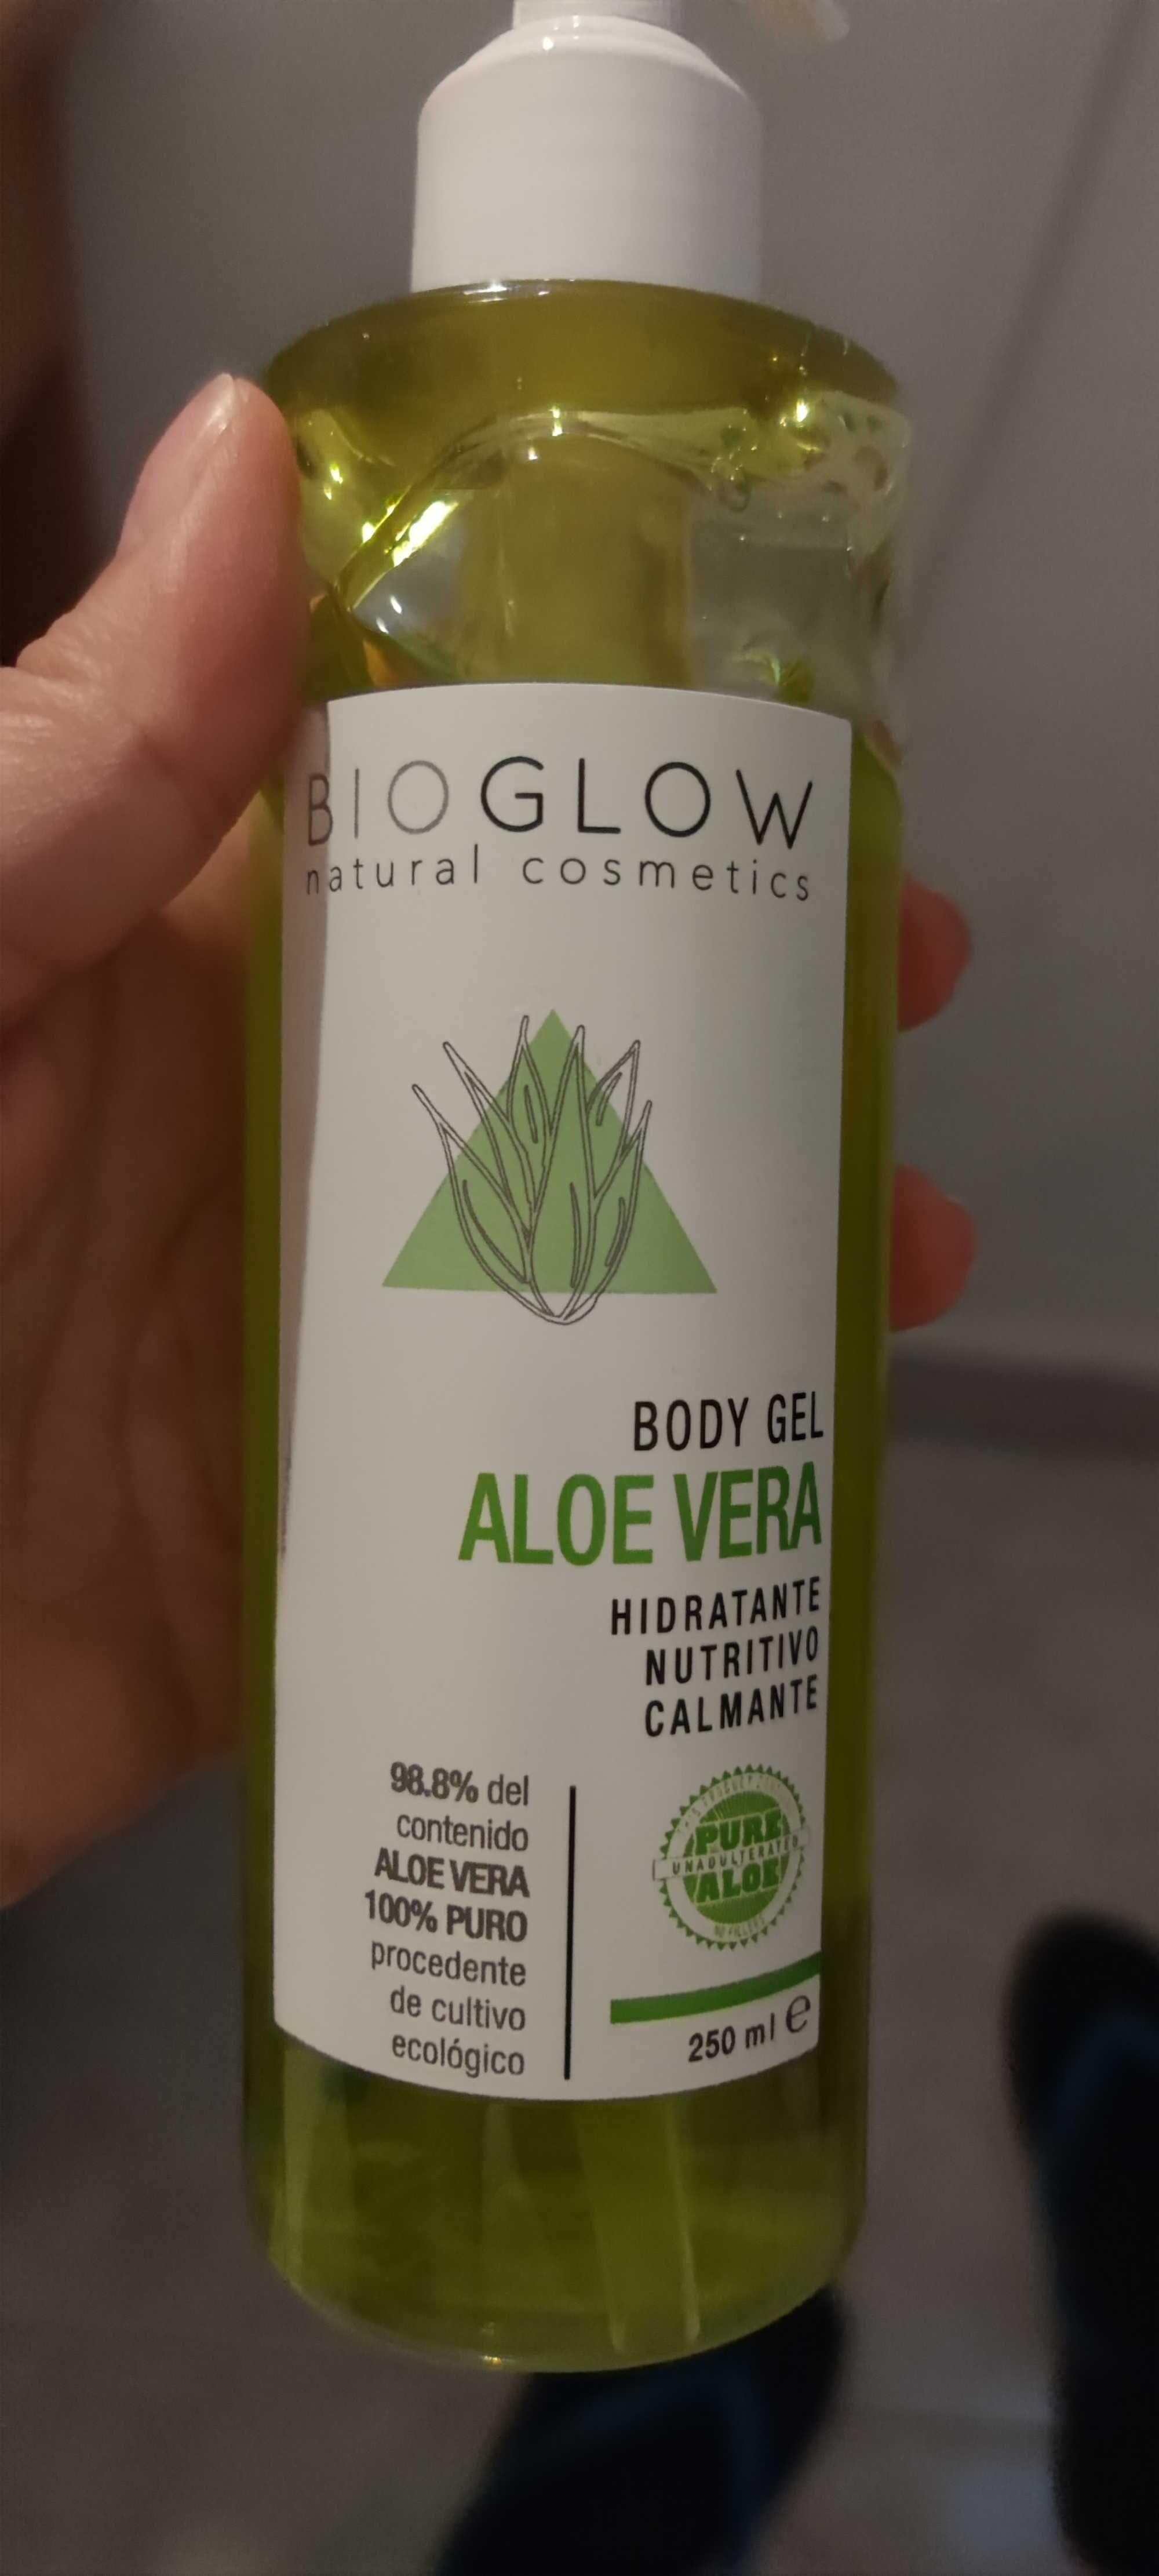 Body gel aloe vera - Product - es